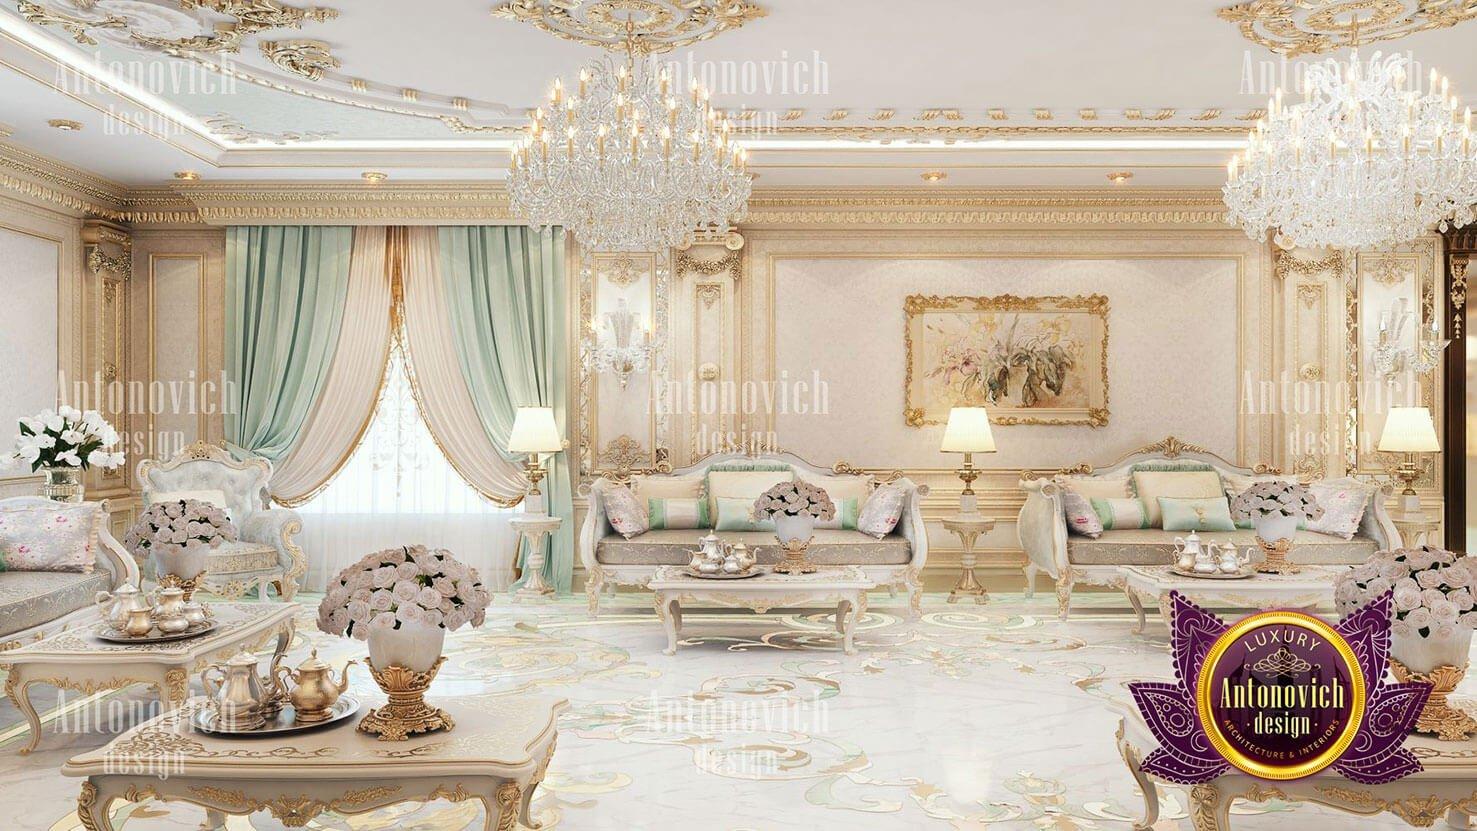 thiết kế lâu đài dinh thự đẹp phòng khách